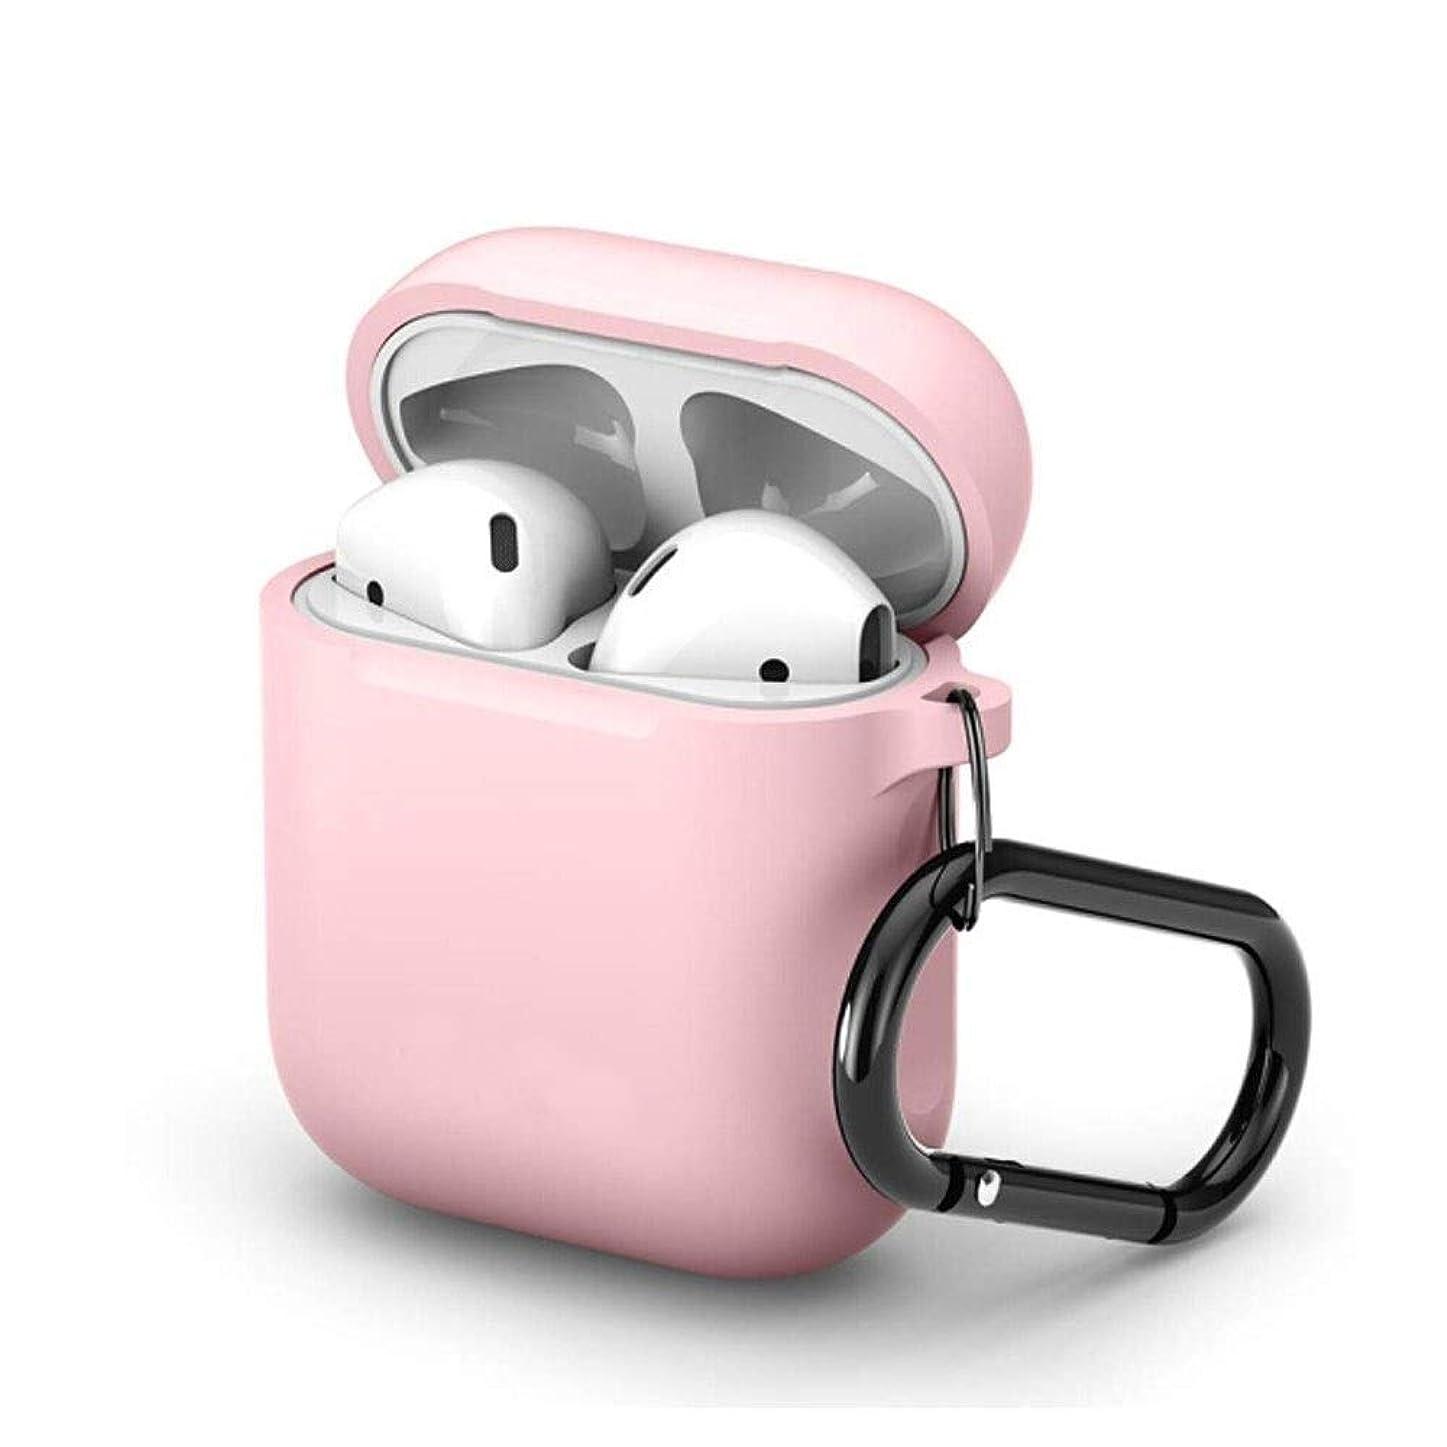 特派員刈り取る怒っているNTSM ヘッドフォンカバー、紛失防止AirPods 1世代2世代保護カバー、保護ケースシェルワイヤレスBluetoothヘッドセット充電ボックス、ソフトシリコンスリーブ新しい保護カバー (Color : Pink)